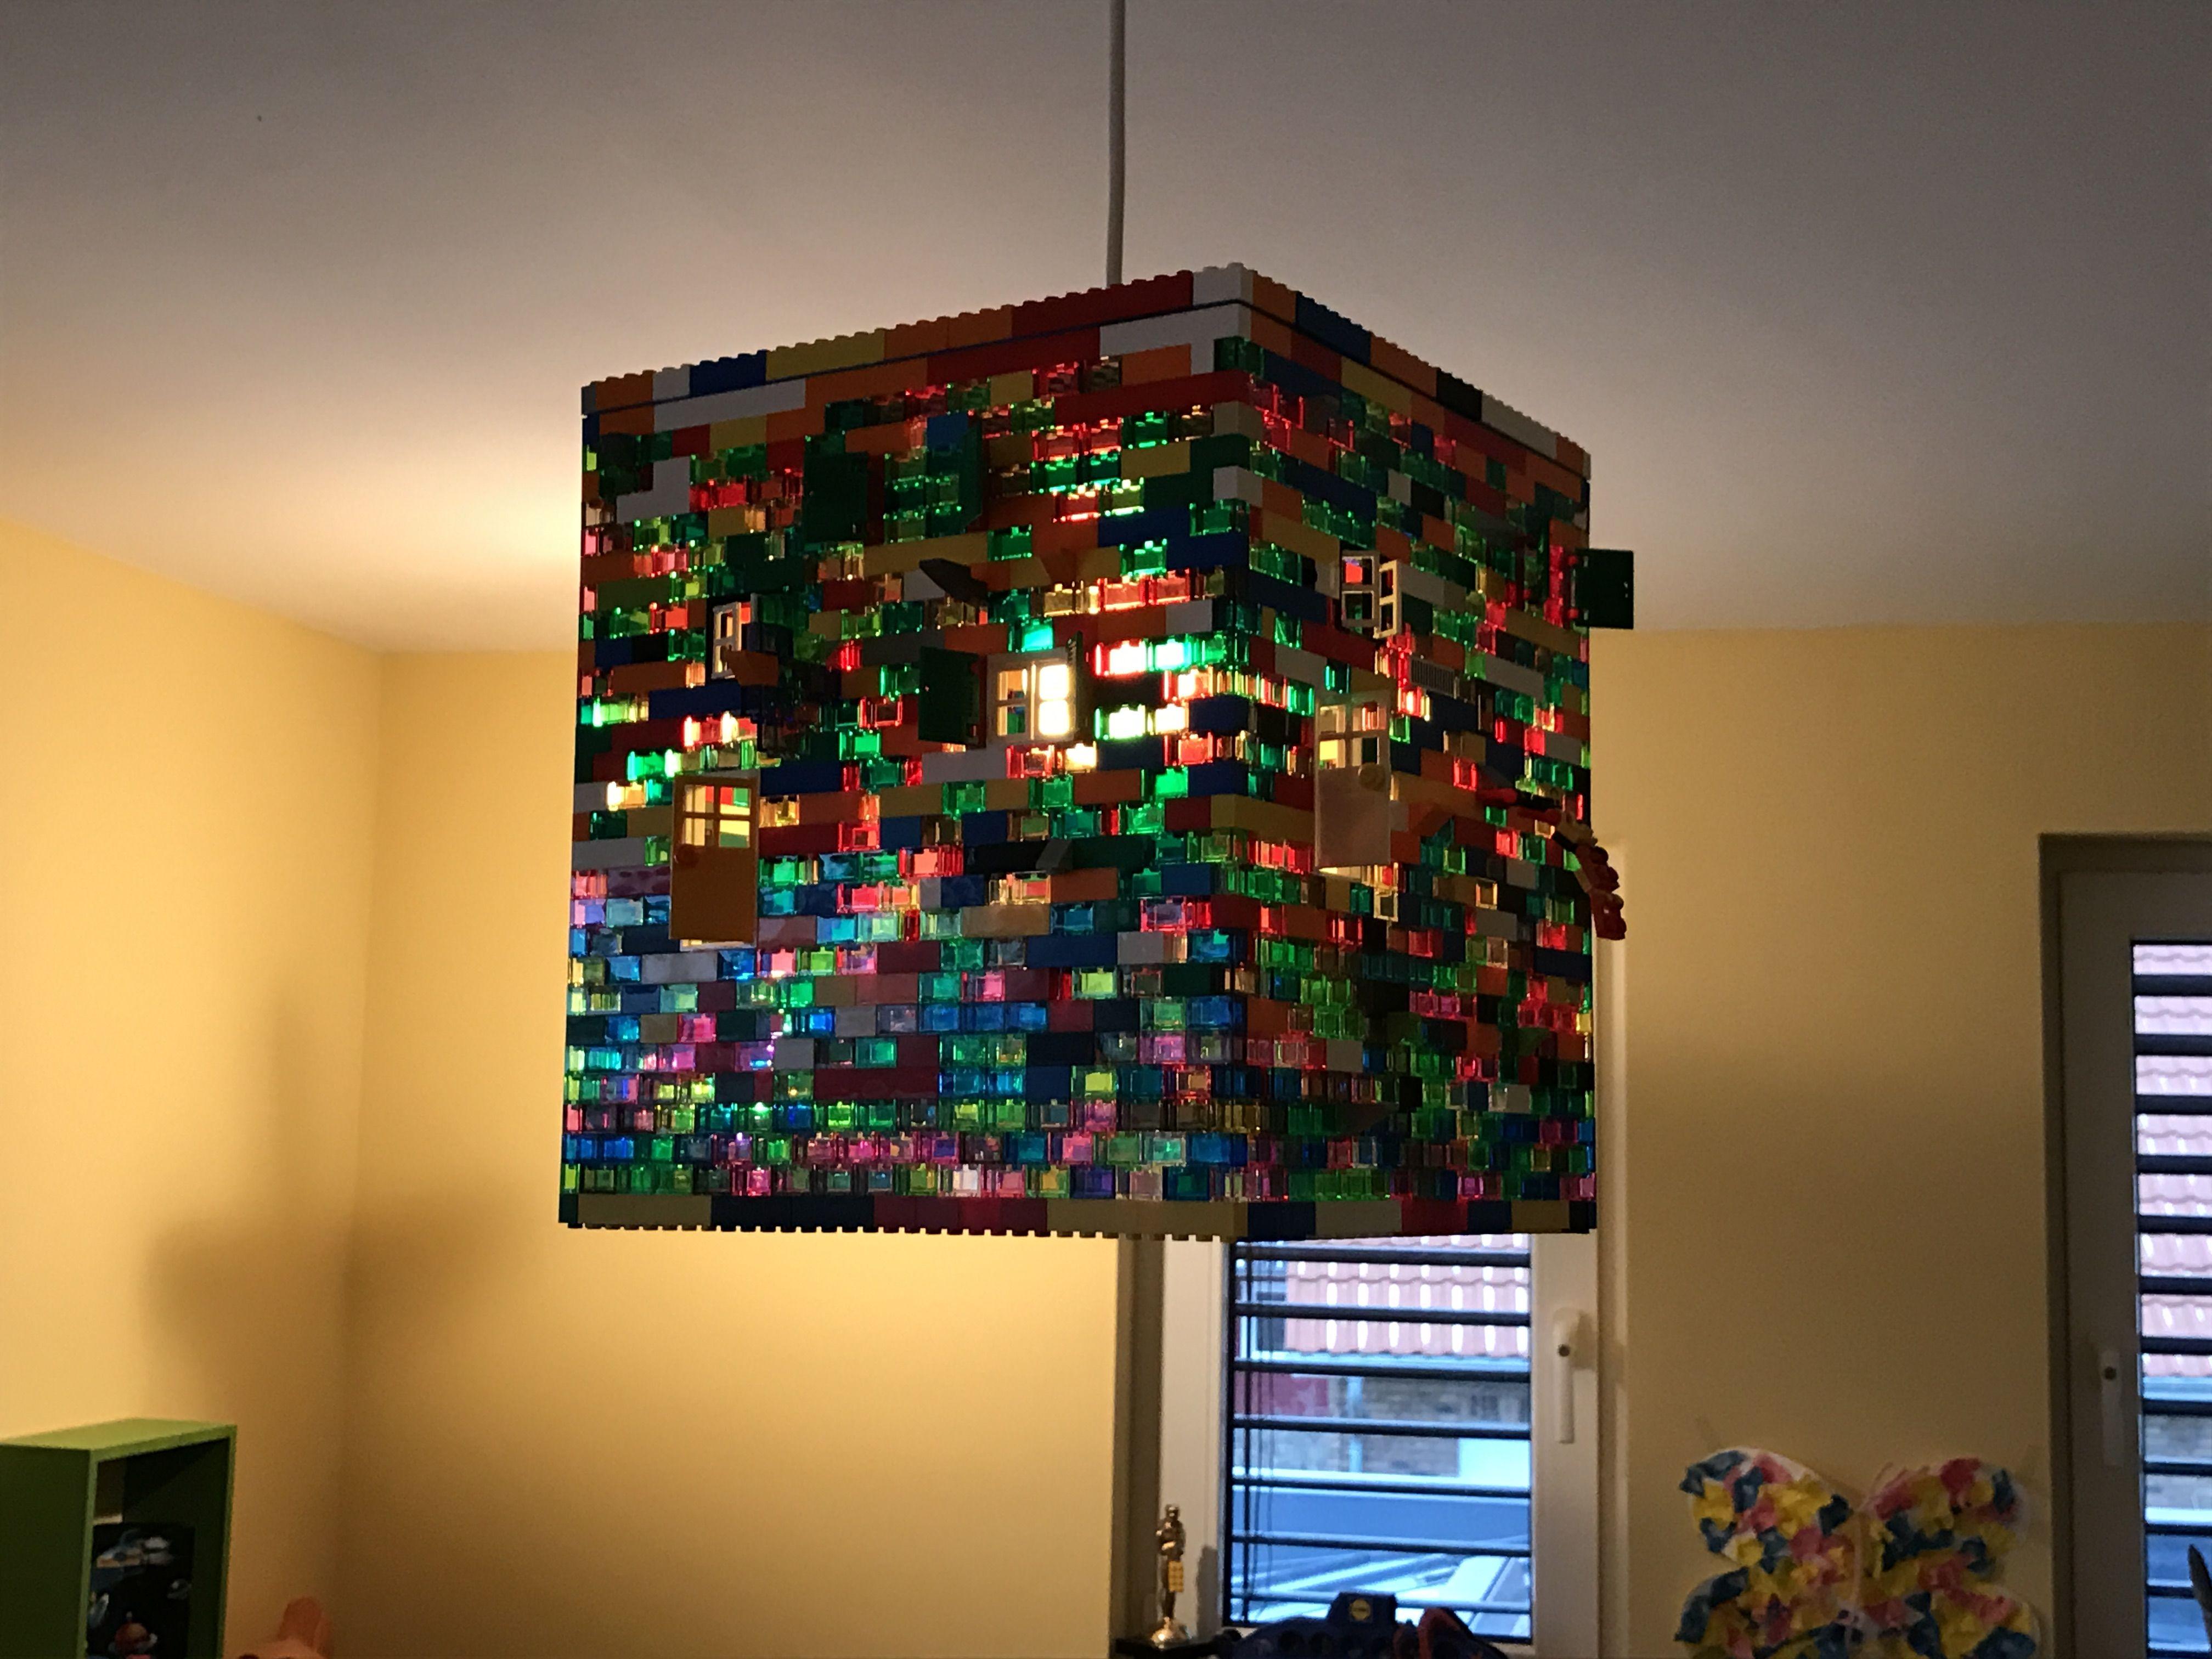 Pin by Markus Kuchel on Lego Leuchte, Lego Lampe, lego lamp ...